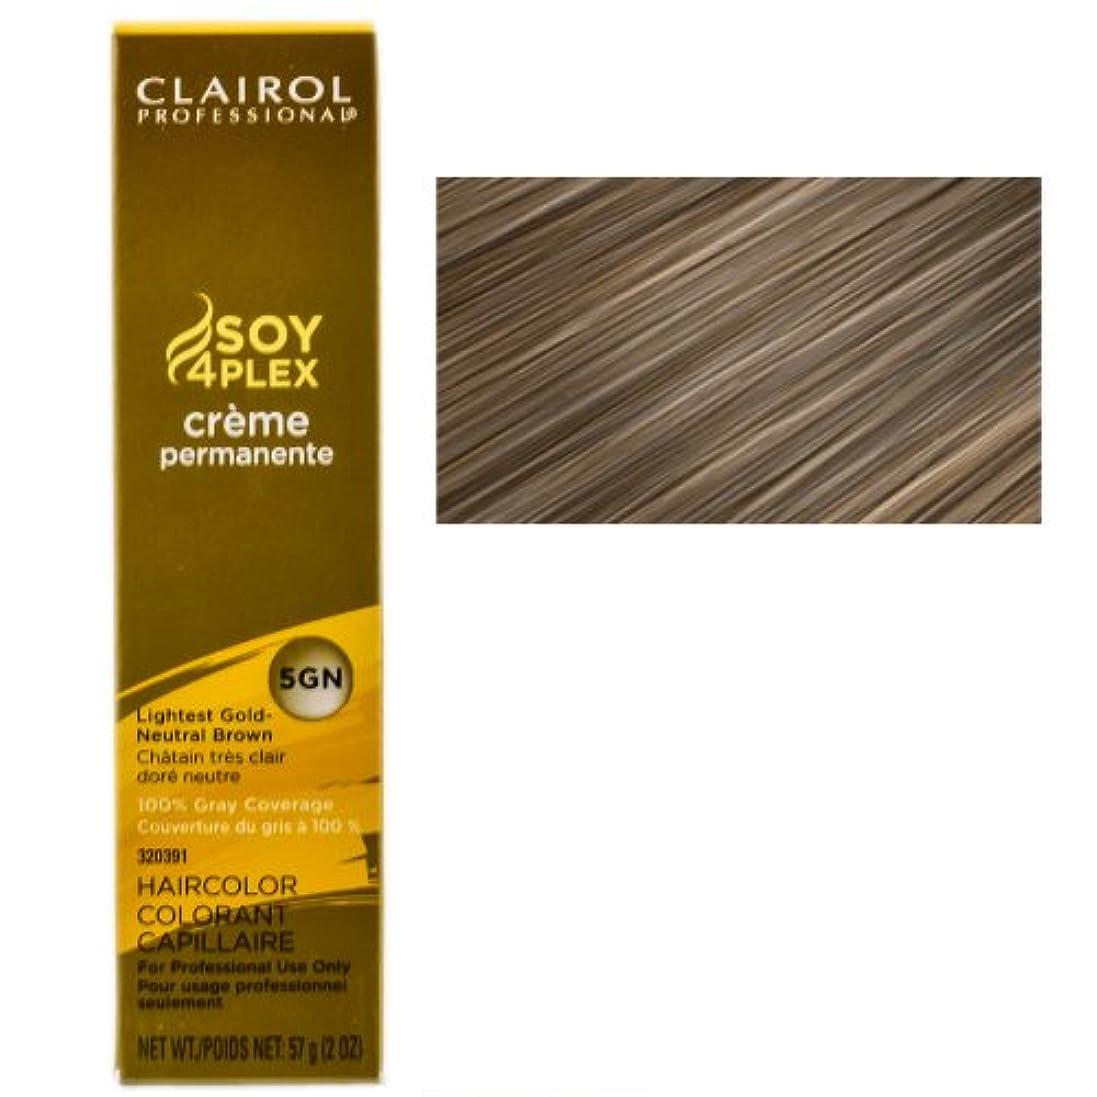 心理的欠乏保護するClairol プロフェッショナル永久5GN最軽量ゴールドニュートラルブラウン